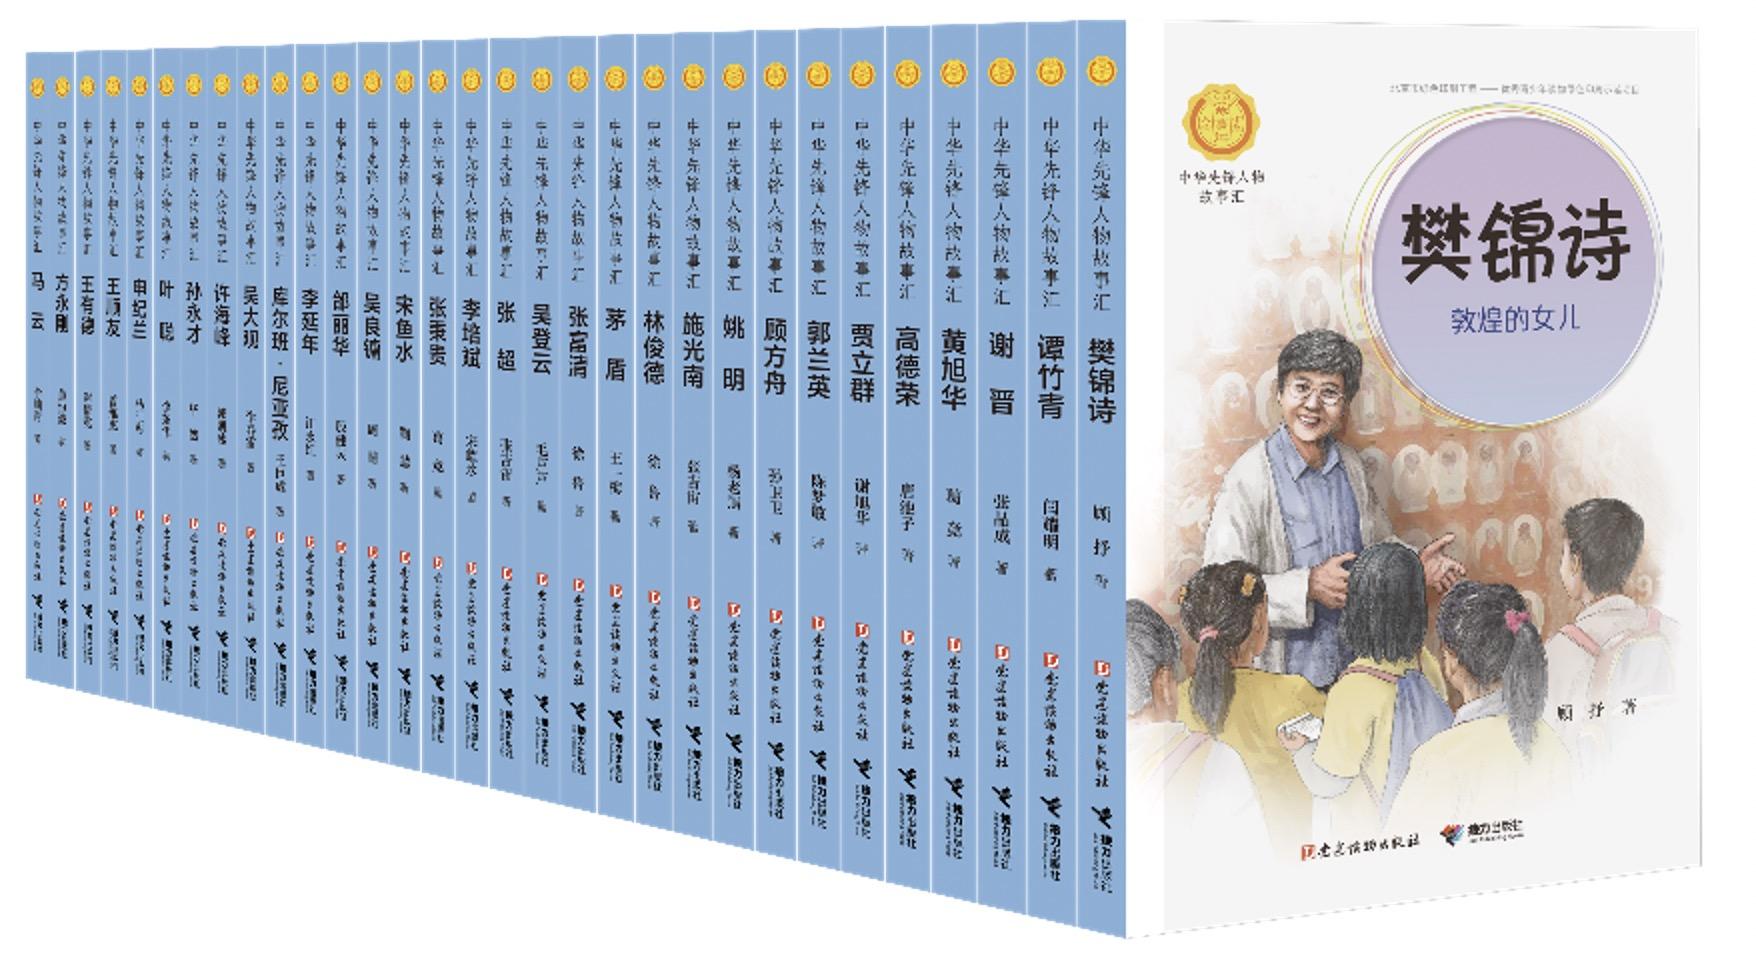 云端征订开启2021新征程 多板块畅销爆品抢鲜上市 ——接力出版社亮相第34届图书订货会-出版人杂志官网